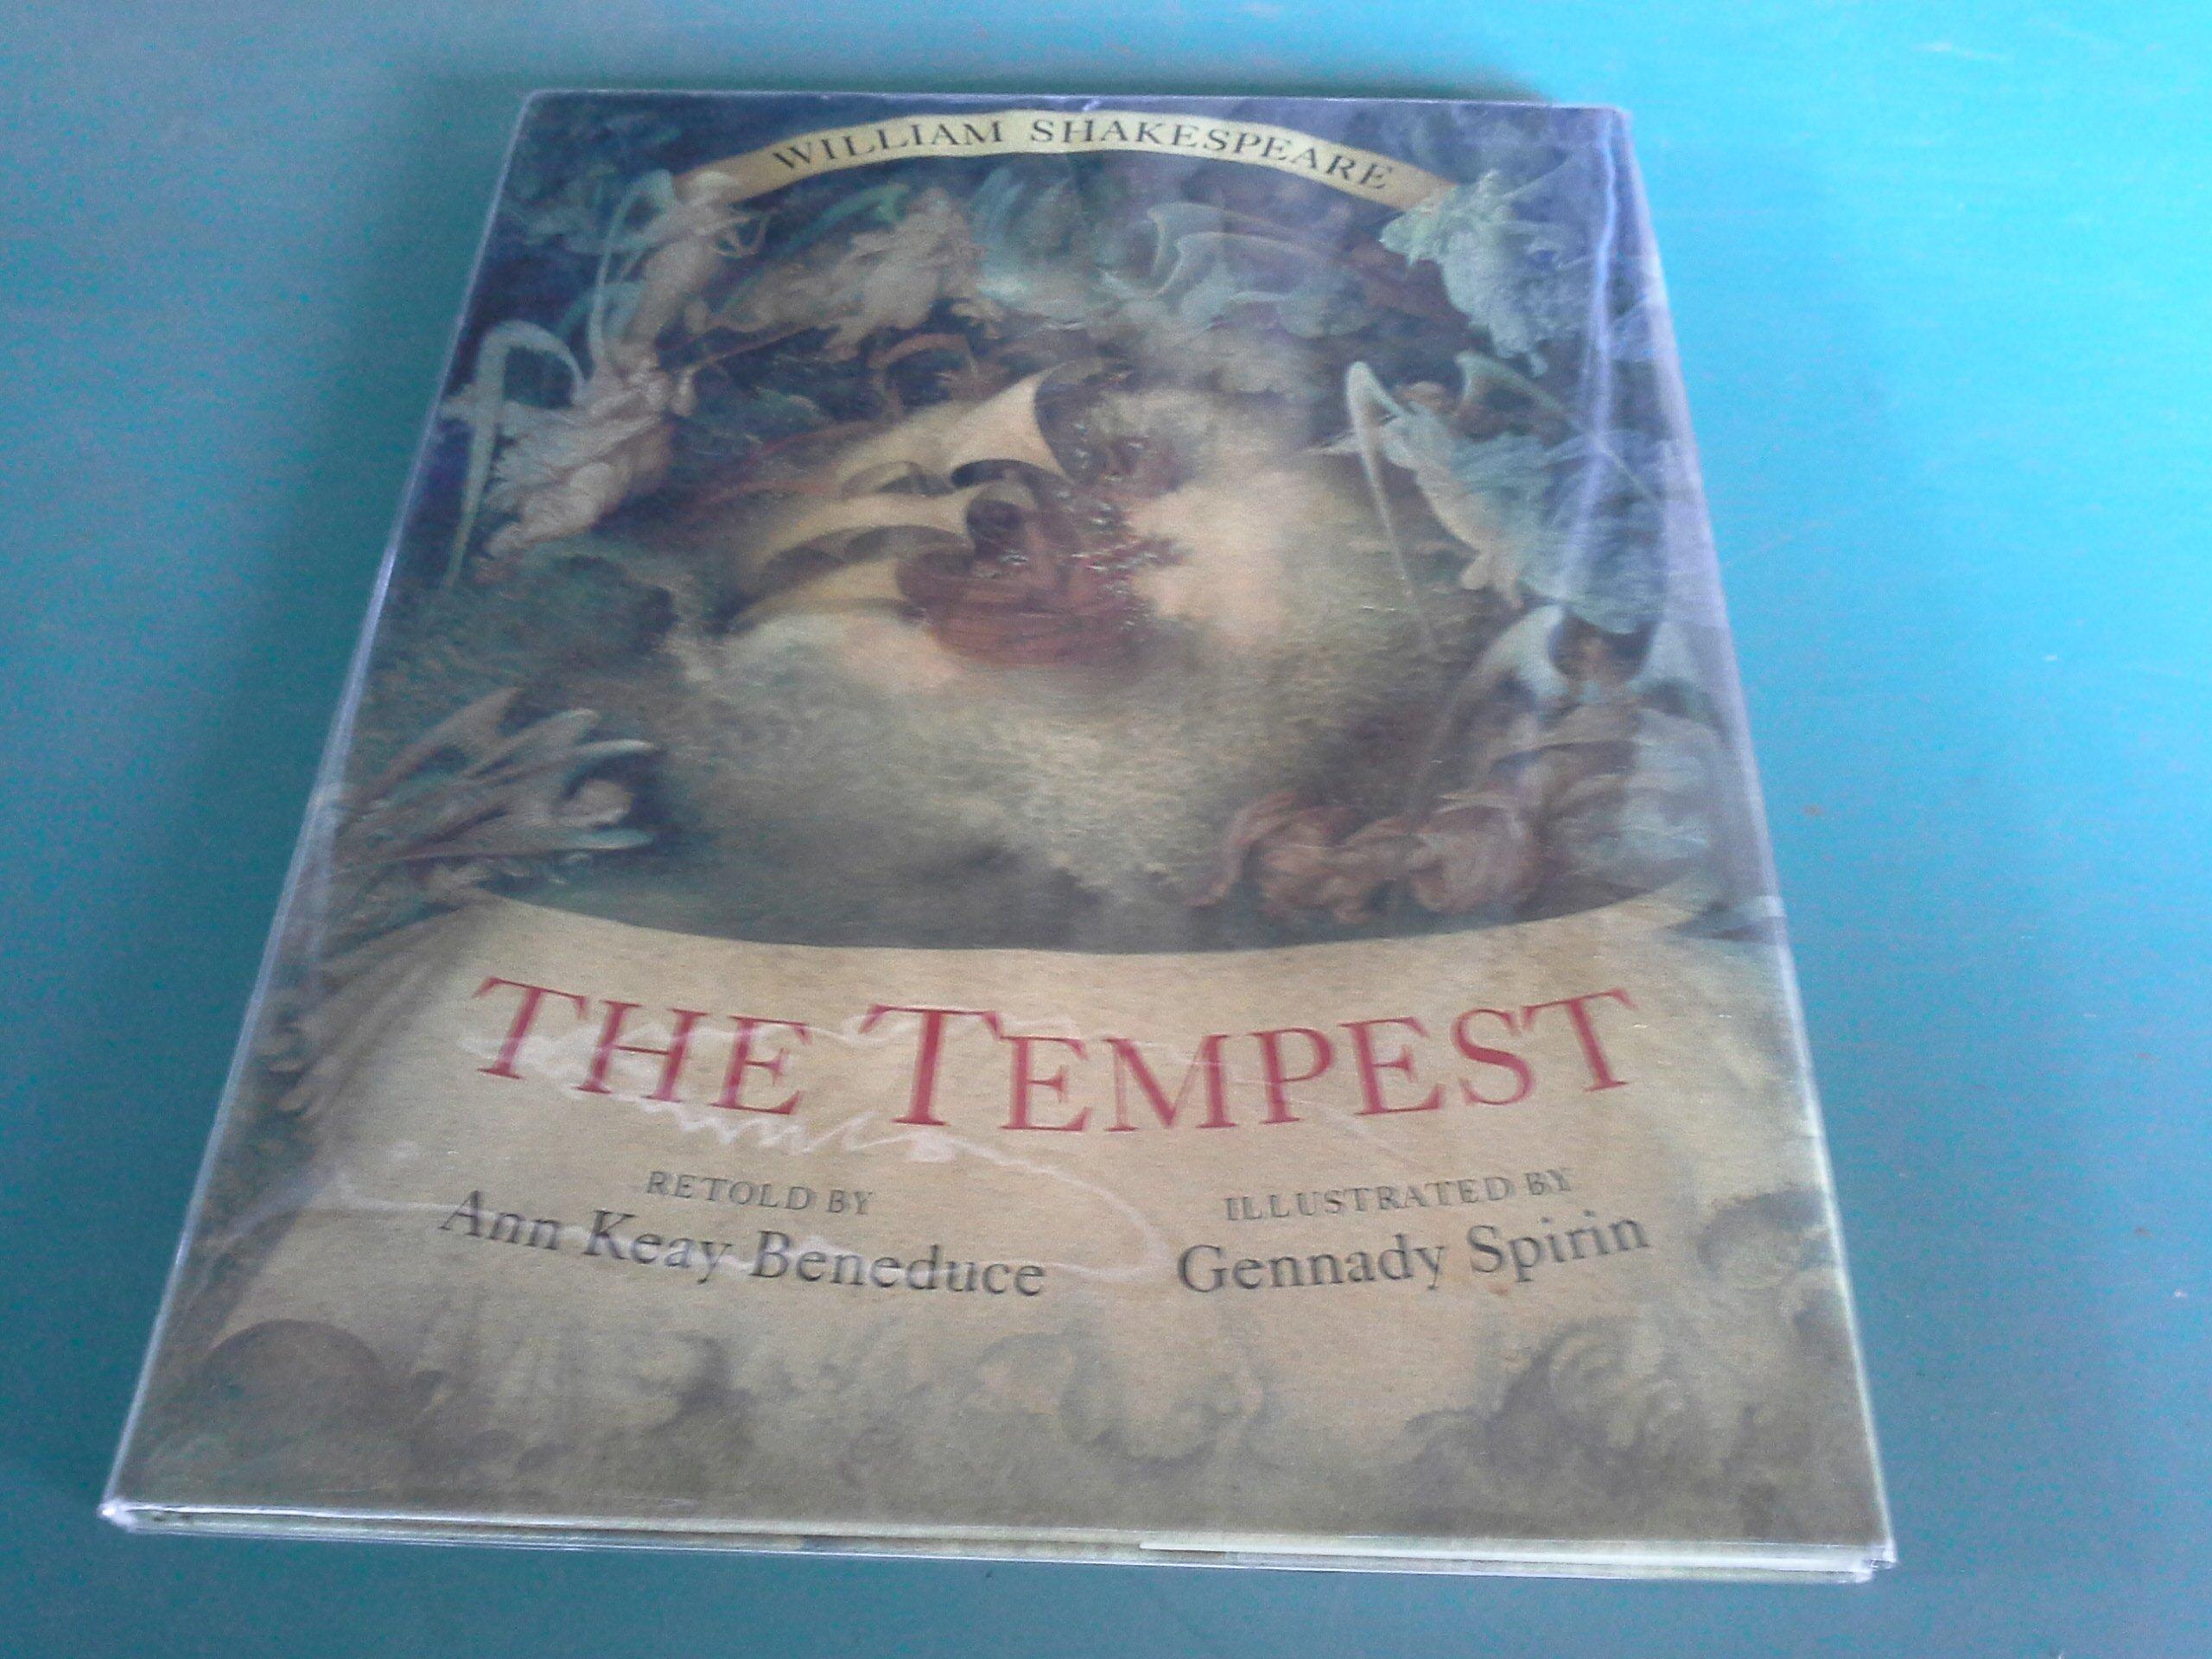 The Tempest Ann Keay Beneduce Gennady Spirin 9780399227646